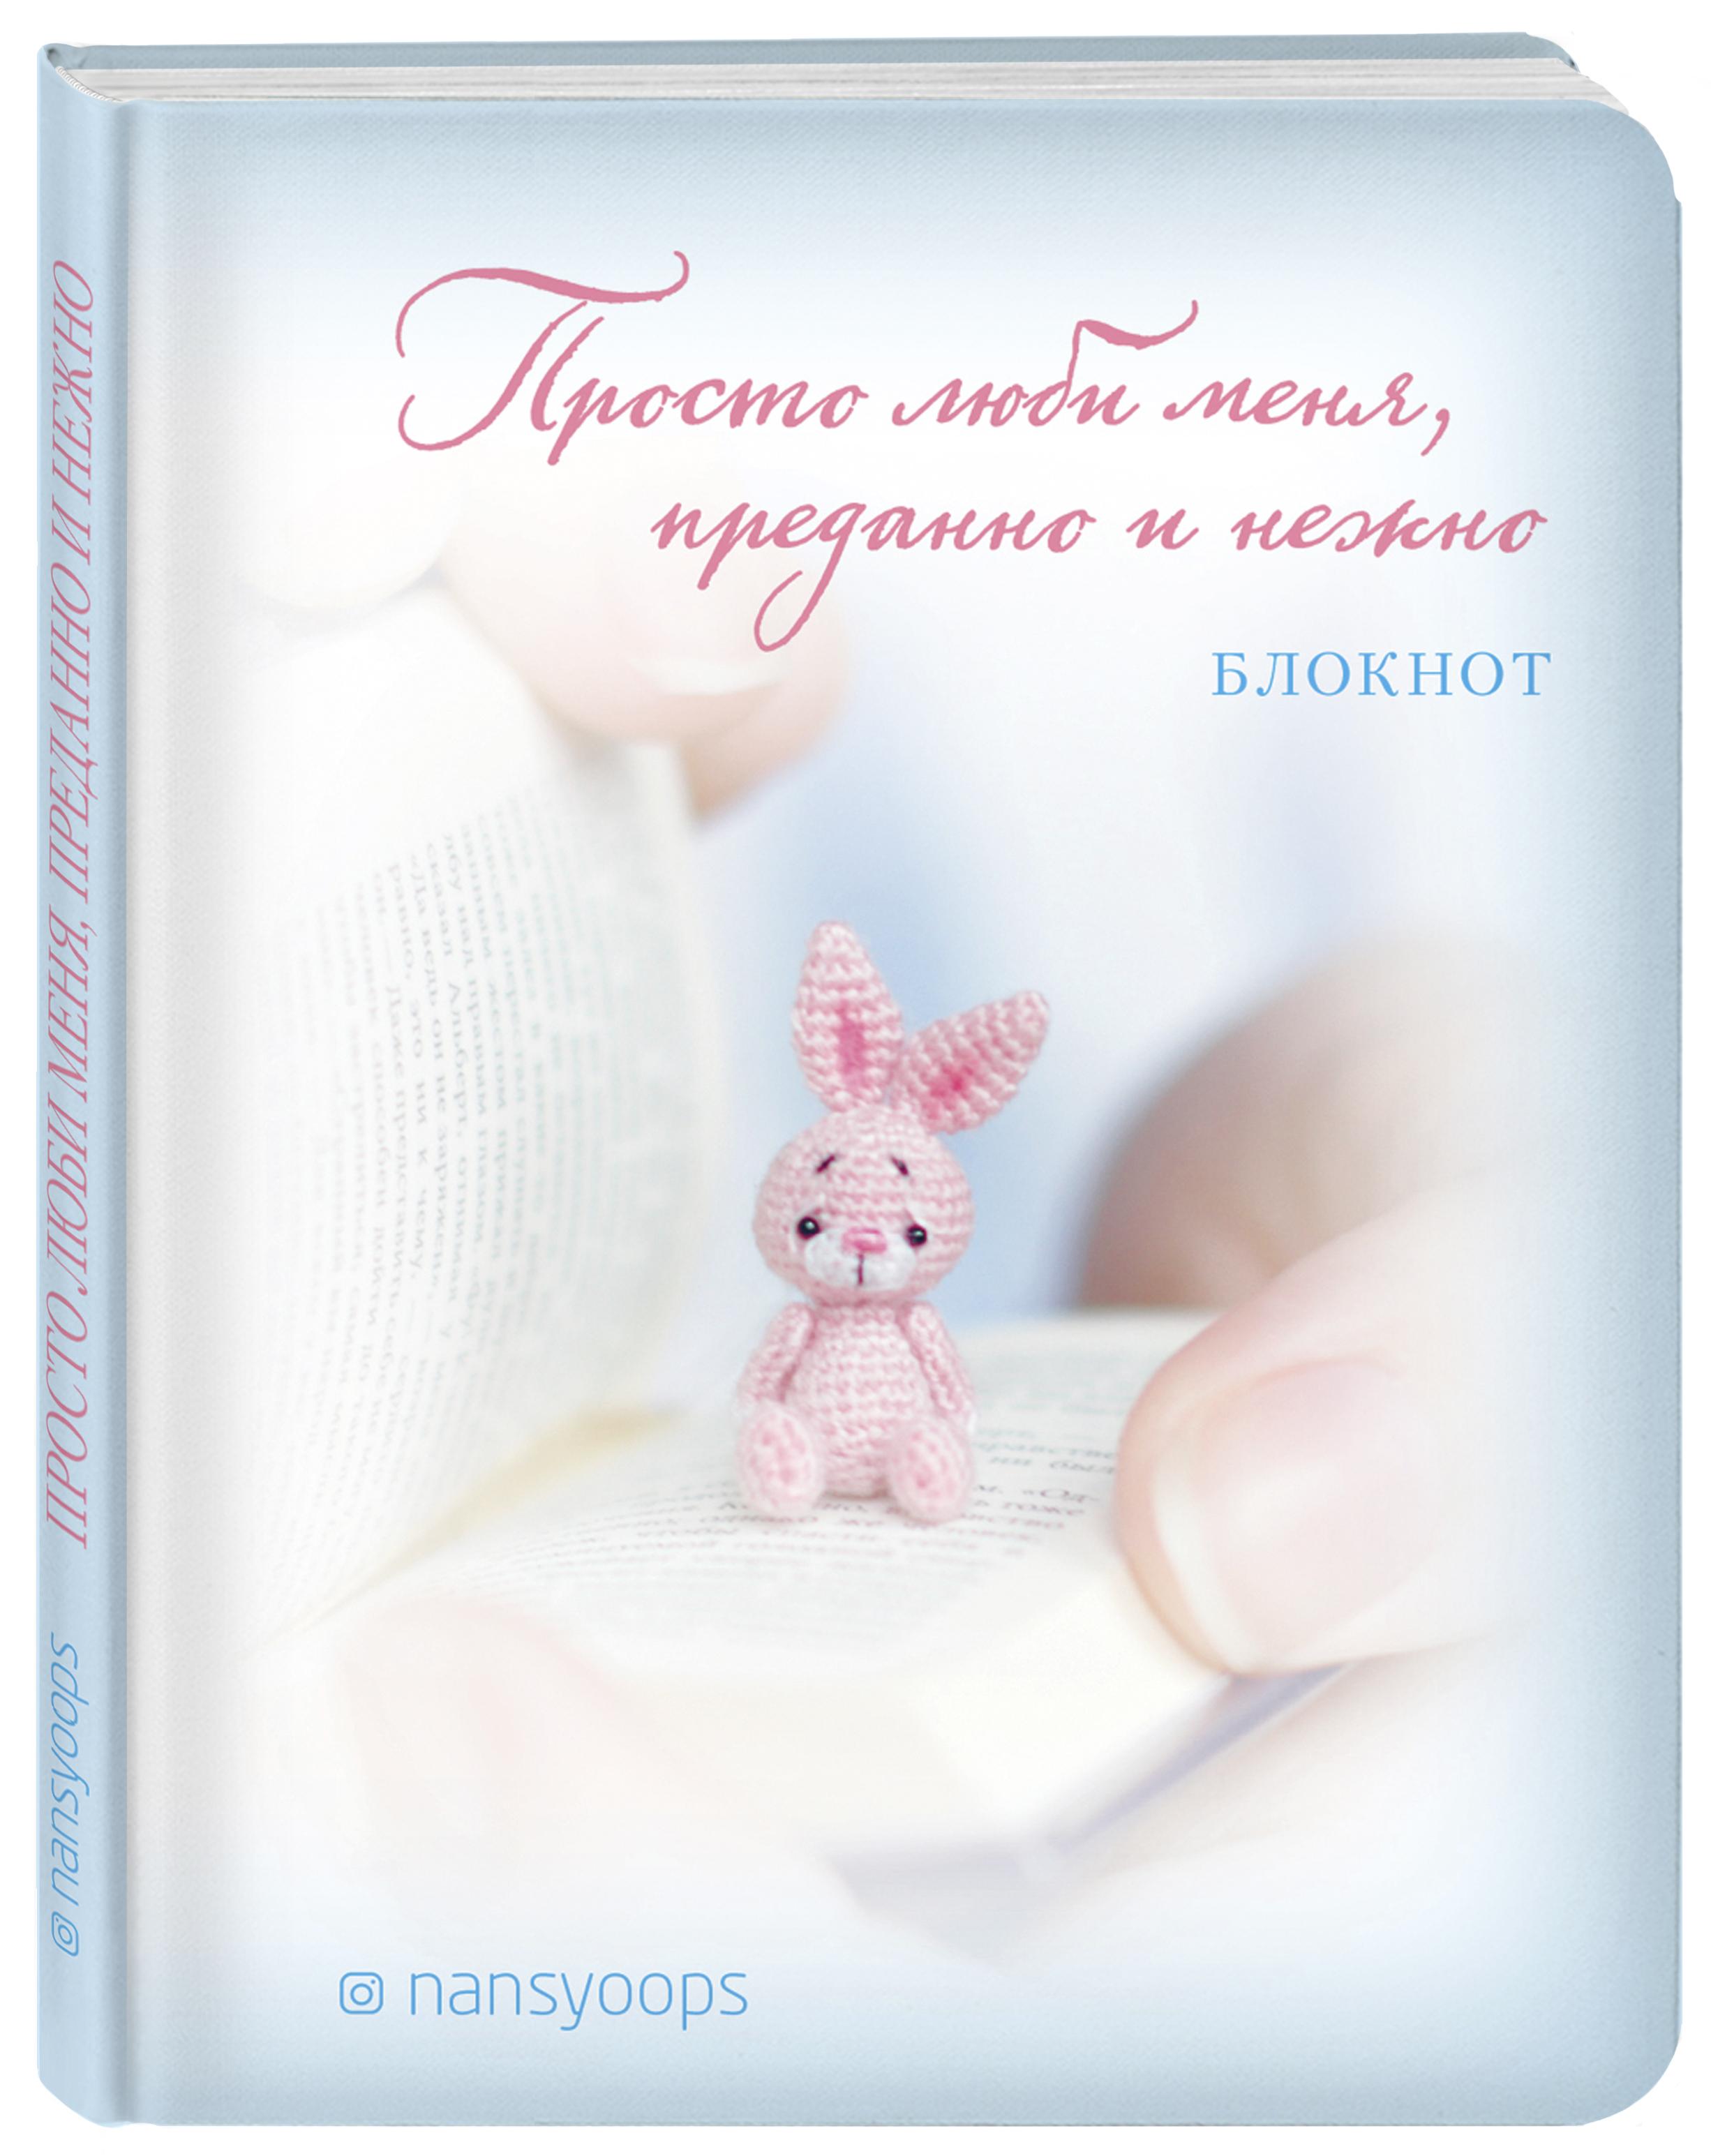 Кирсанова А.И. Блокнот. Просто люби меня, преданно и нежно цена и фото